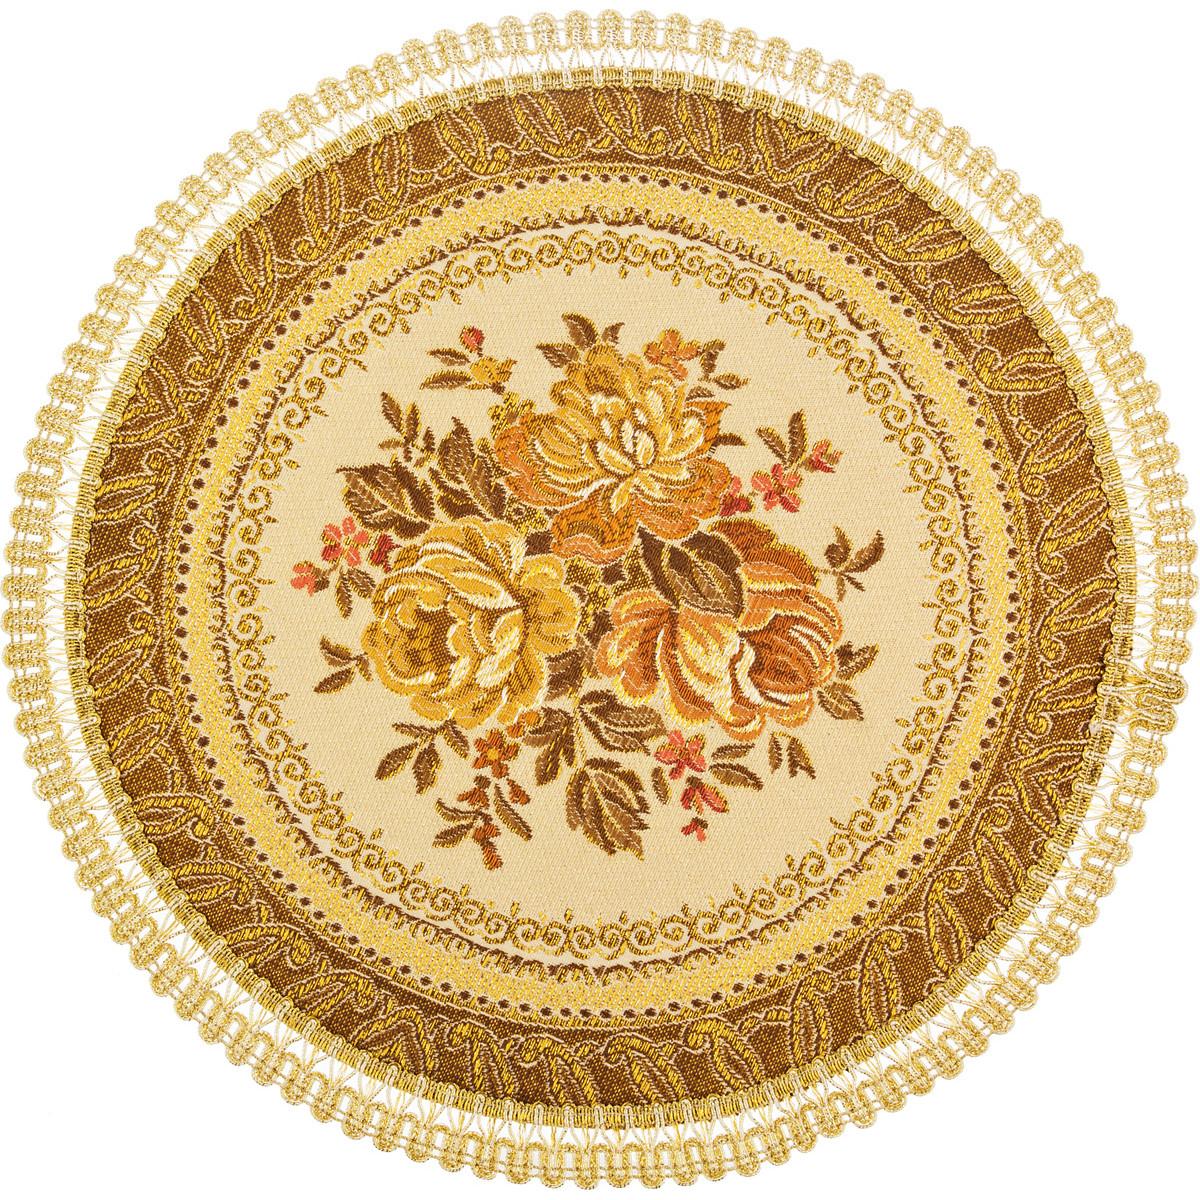 Скатерти и салфетки Lefard Салфетки Arecco  (круглая 32 см) скатерти и салфетки lefard салфетки granna 32х96 см